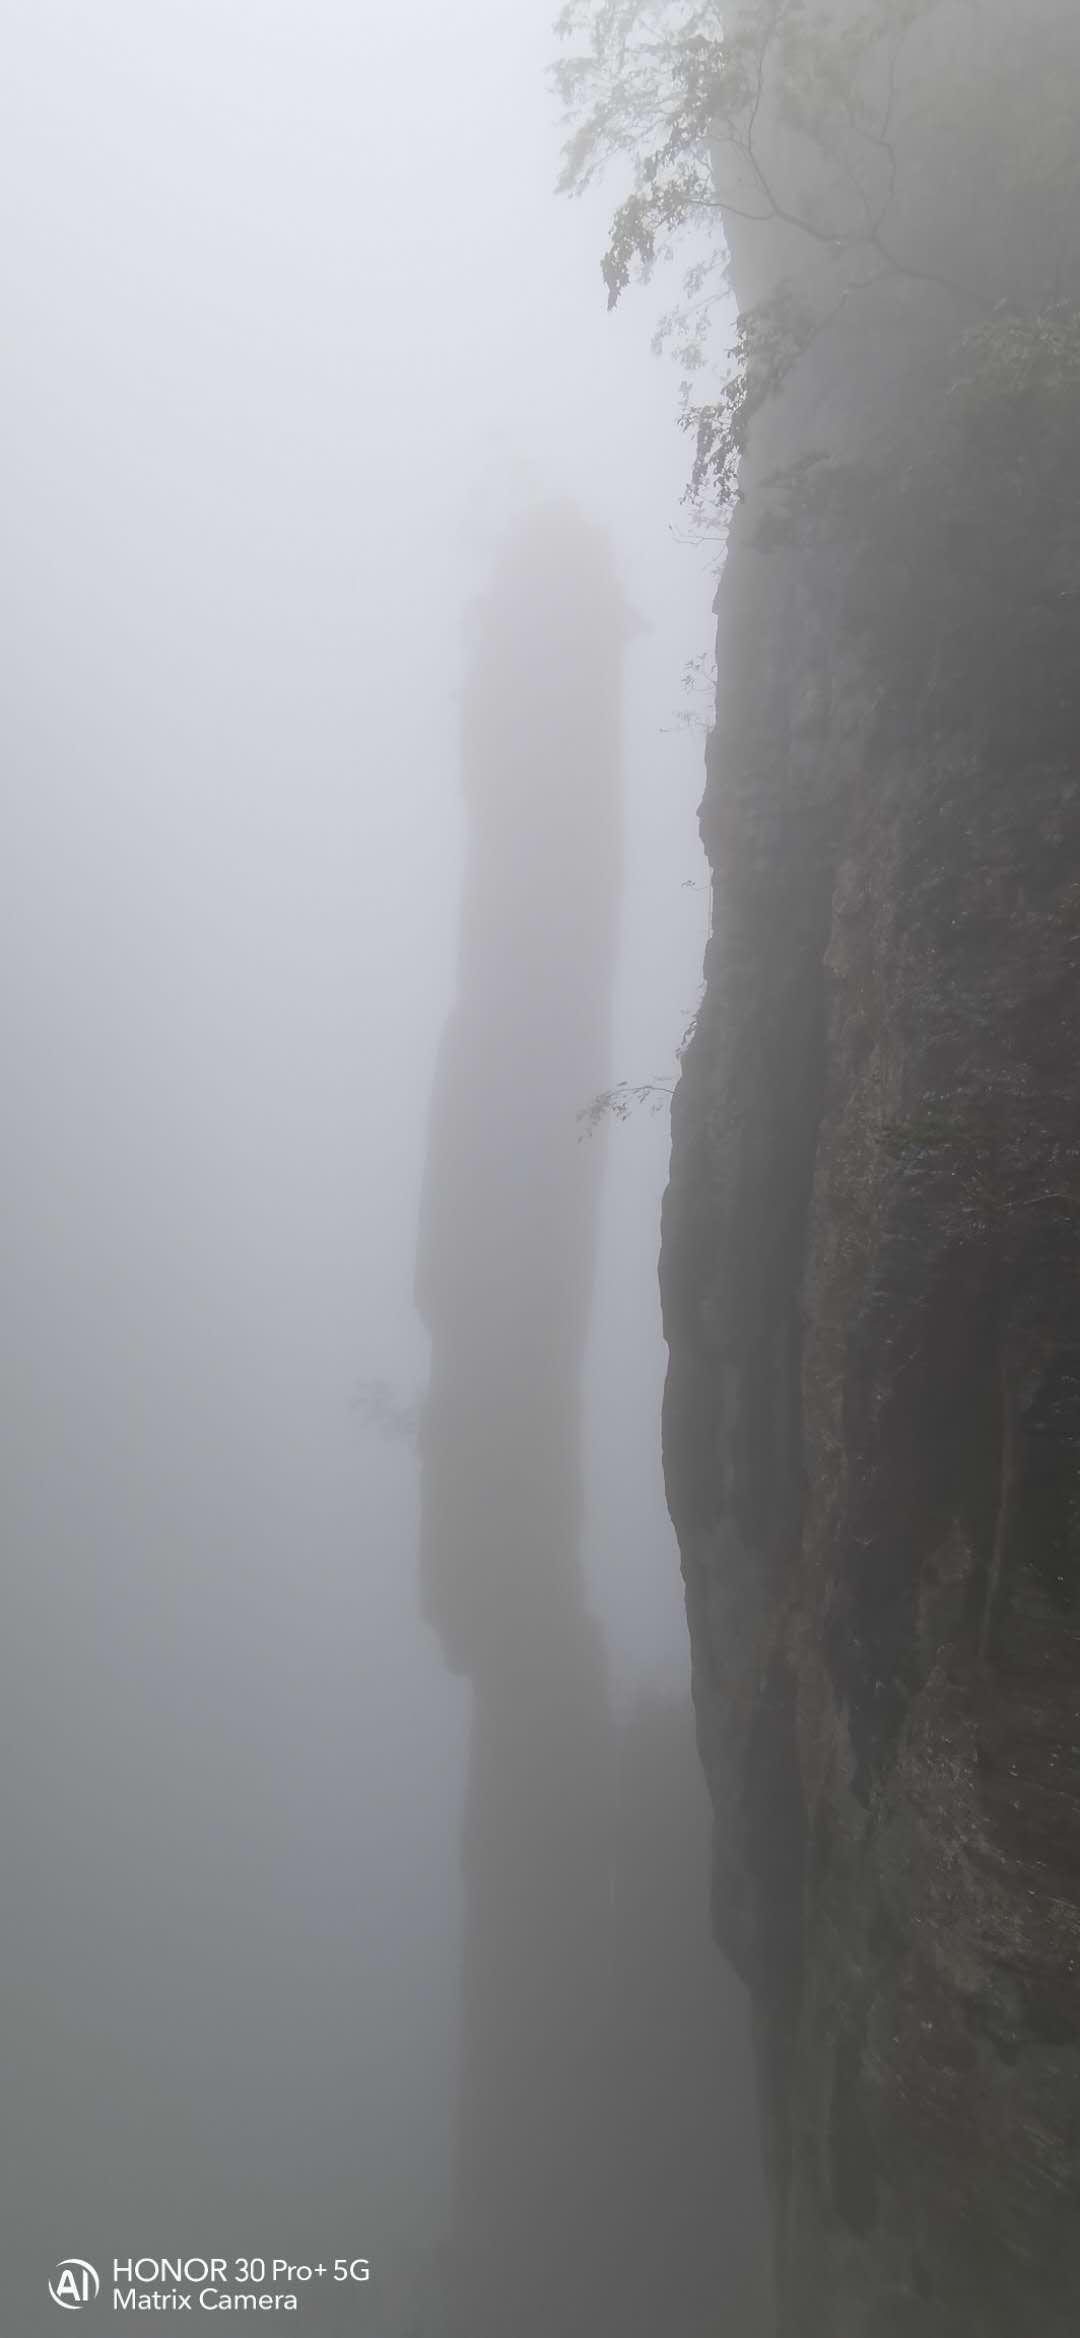 恩施大峡谷一柱香.jpg